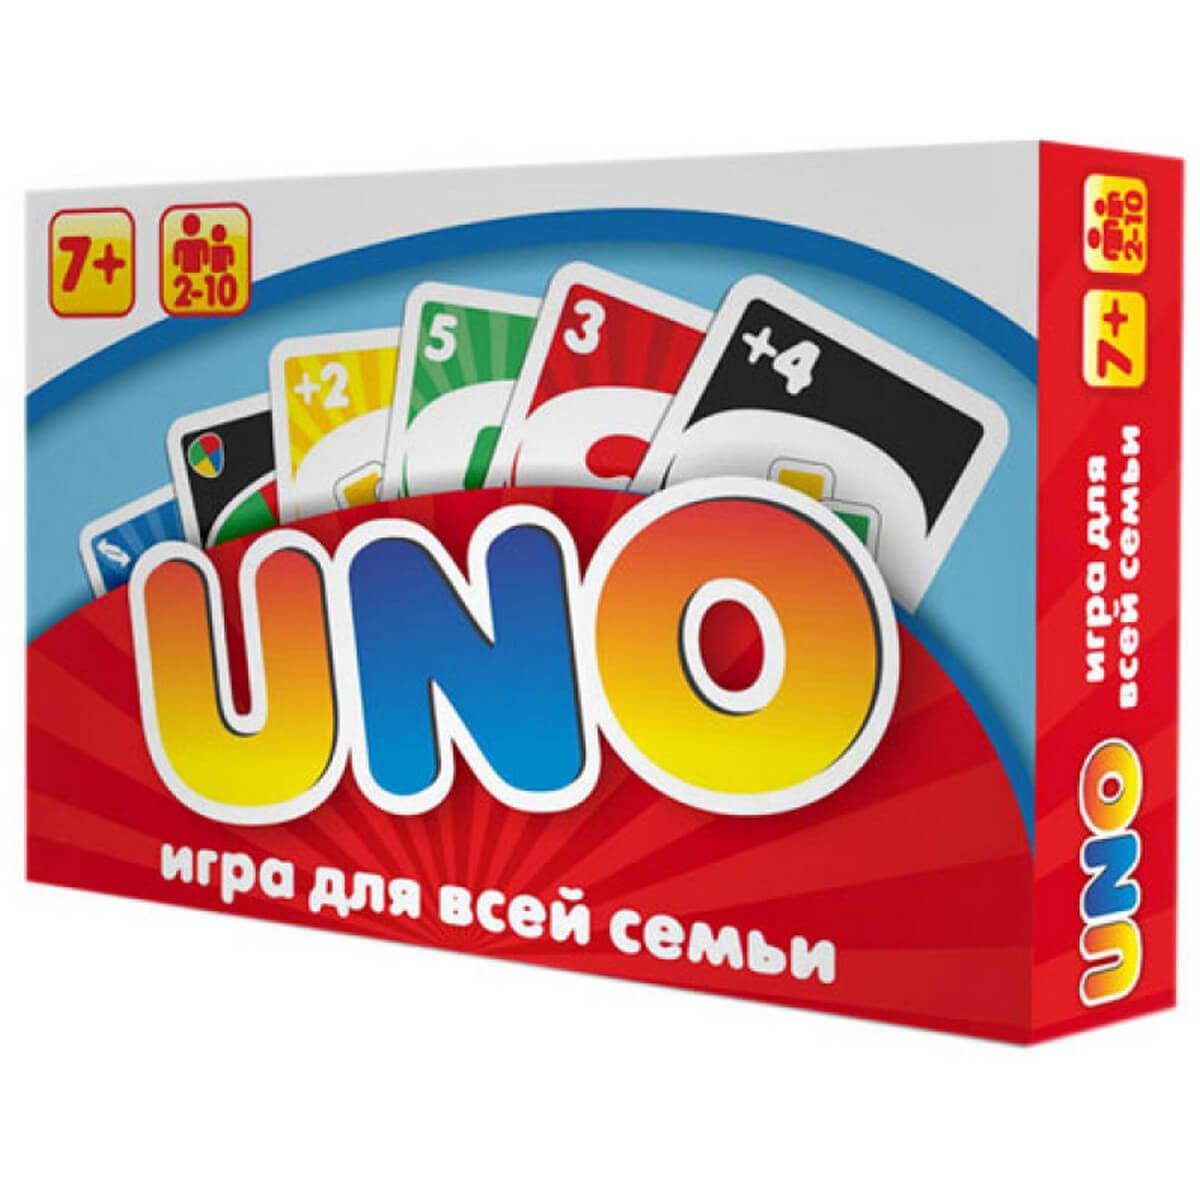 Uno Igra